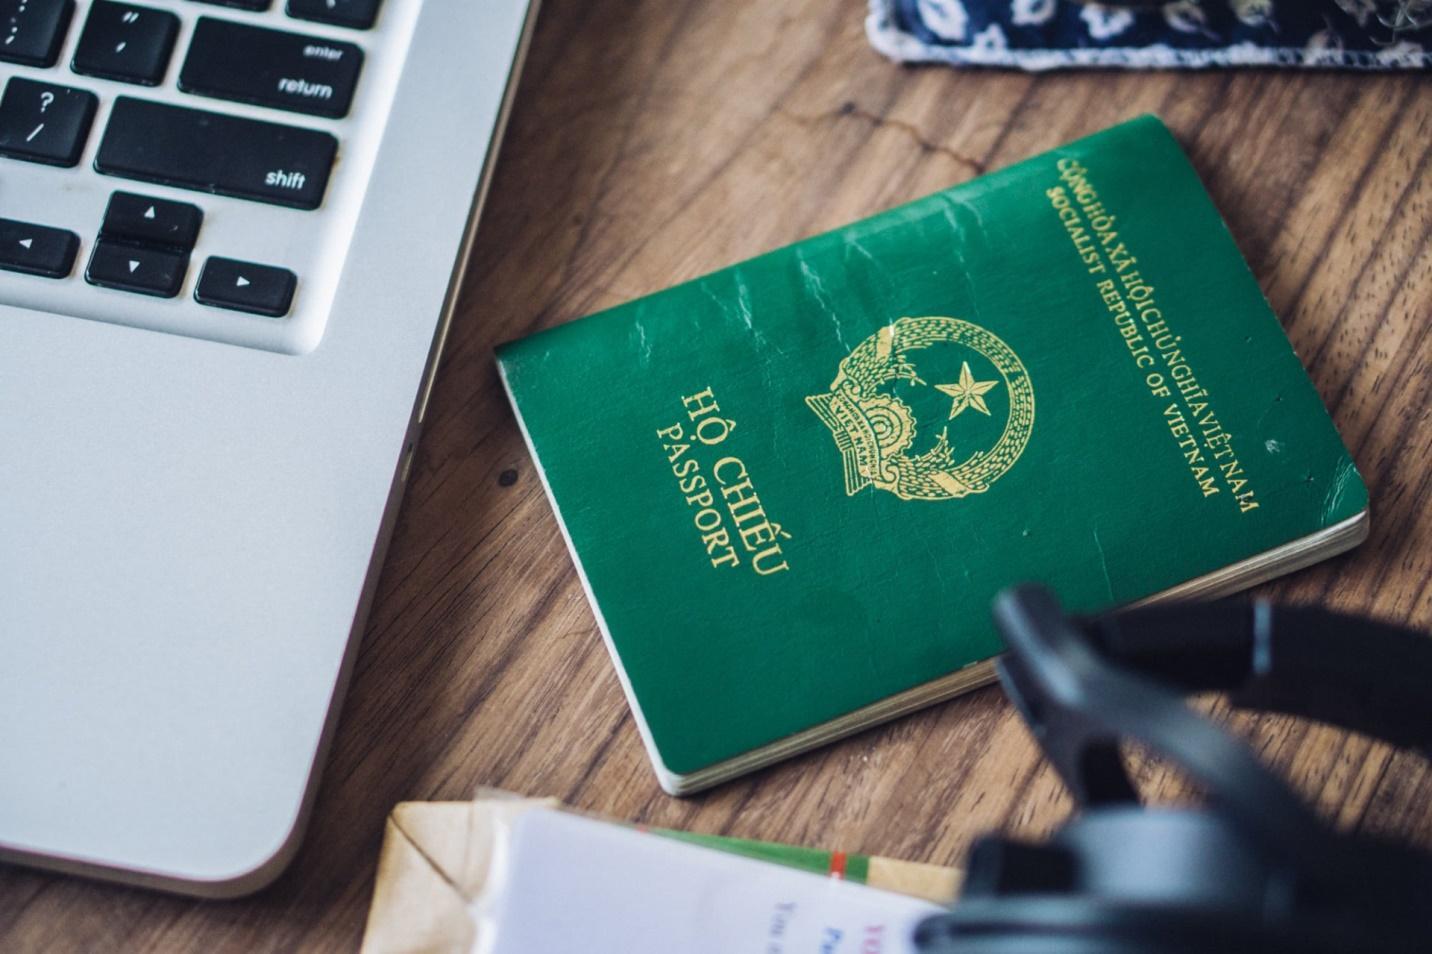 Vay tiền bằng hộ chiếu là một hình thức vay thông minh, tin cậy